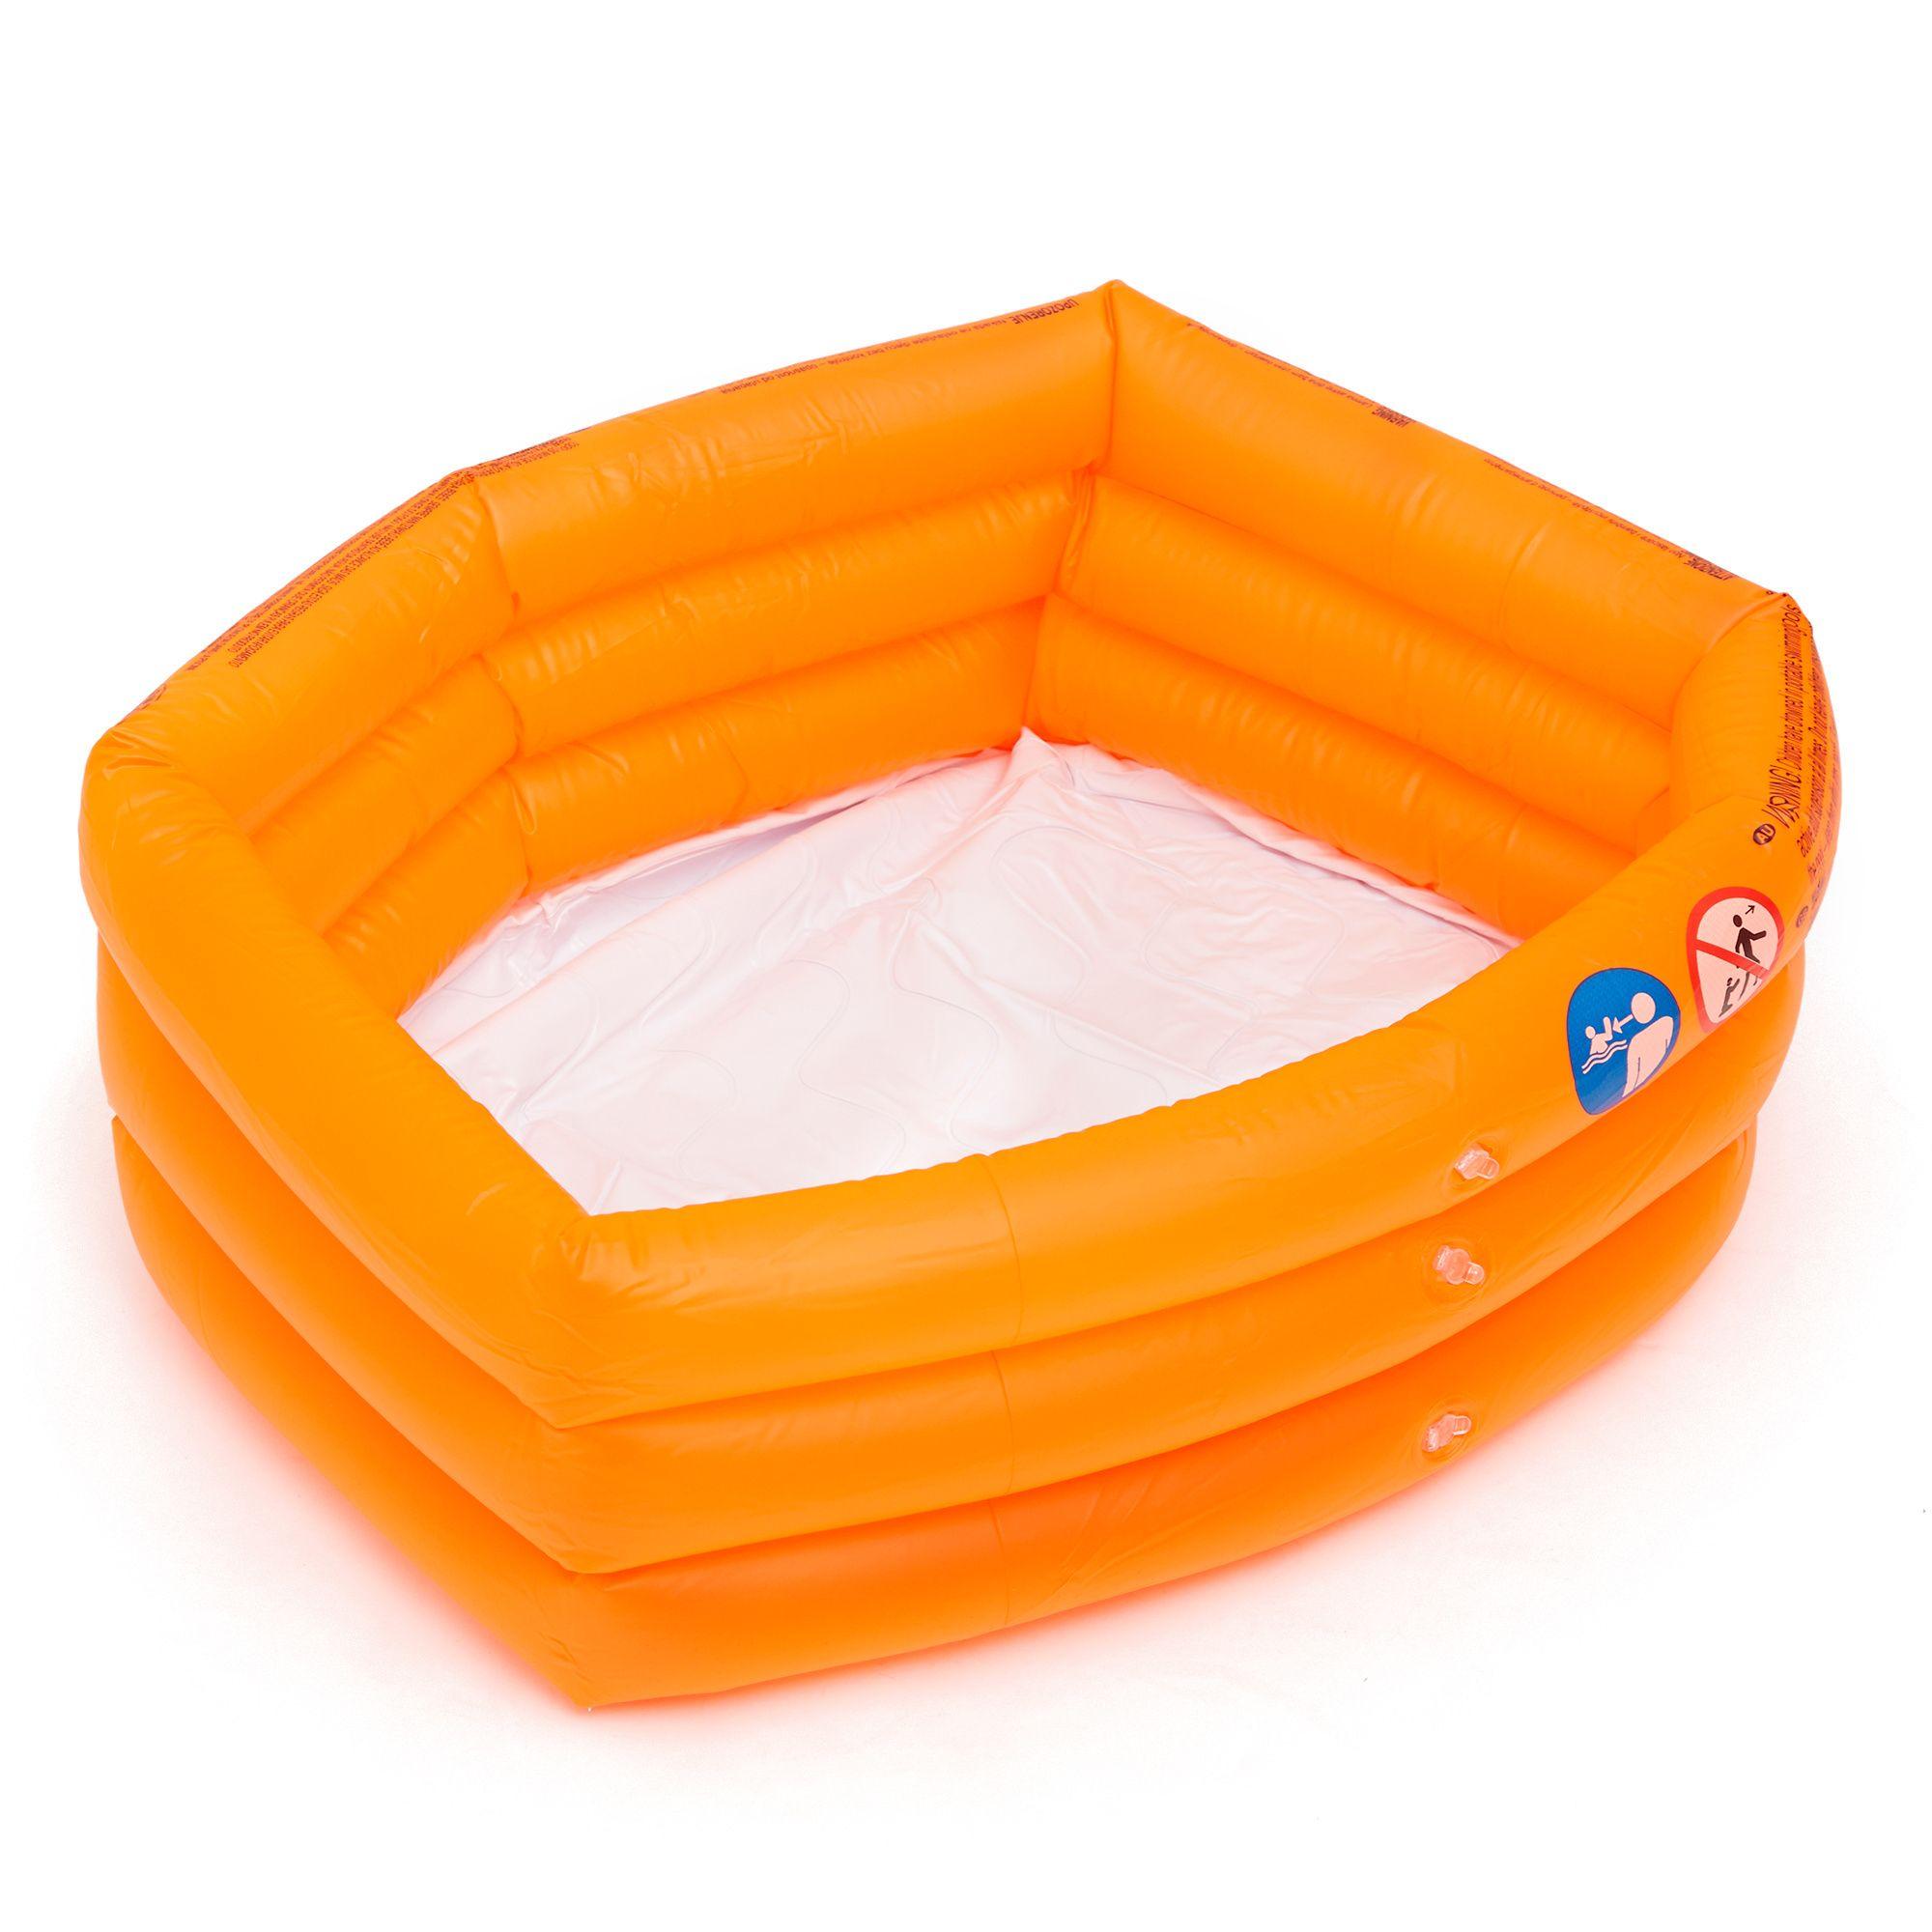 MILLETS 3-Ring Paddling Pool